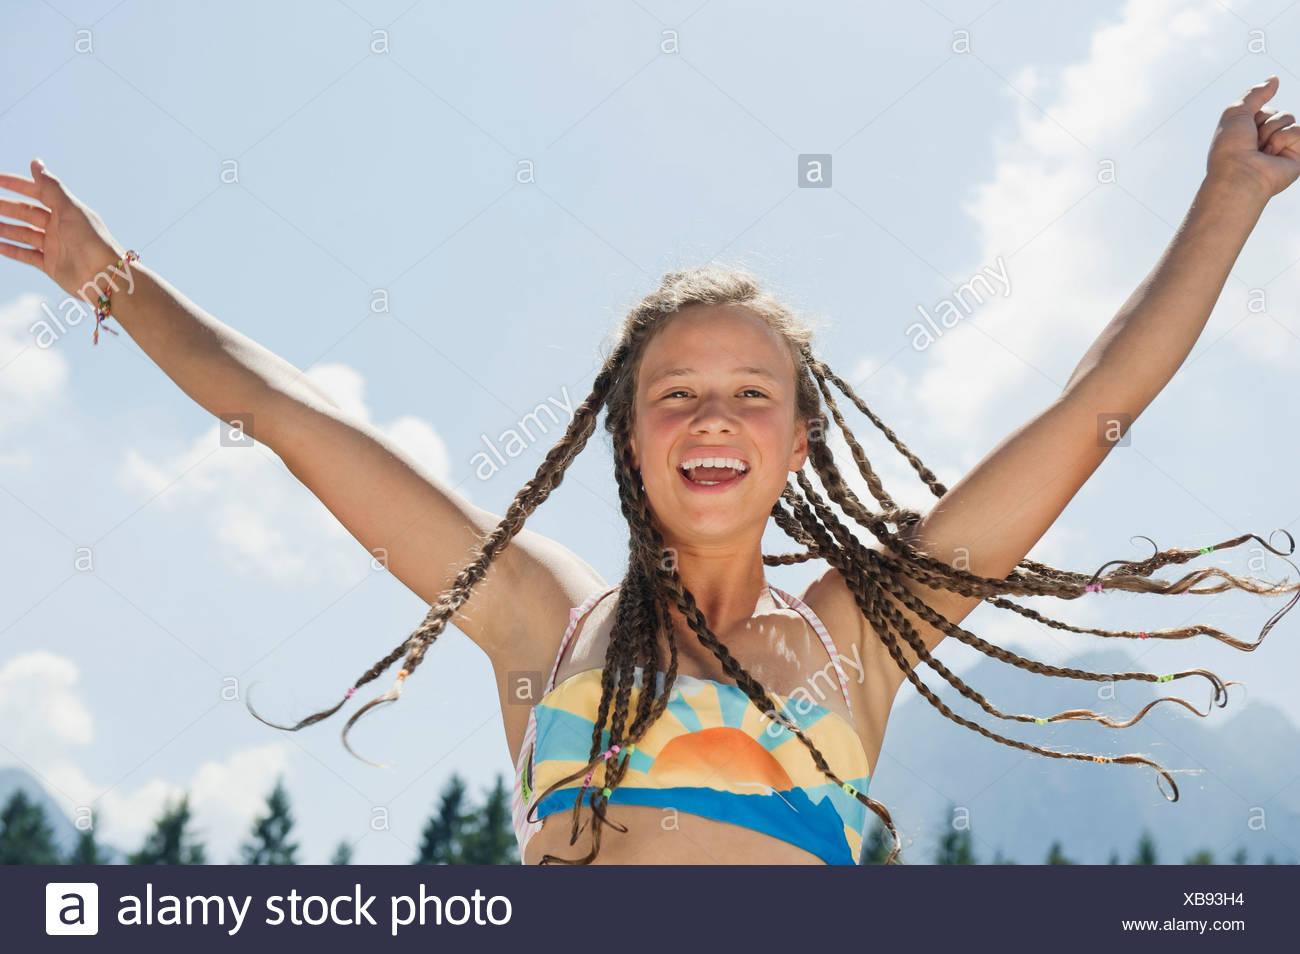 Italien, Südtirol, Mädchen (13-14) mit Dreadlocks, jubeln, Porträt Stockbild